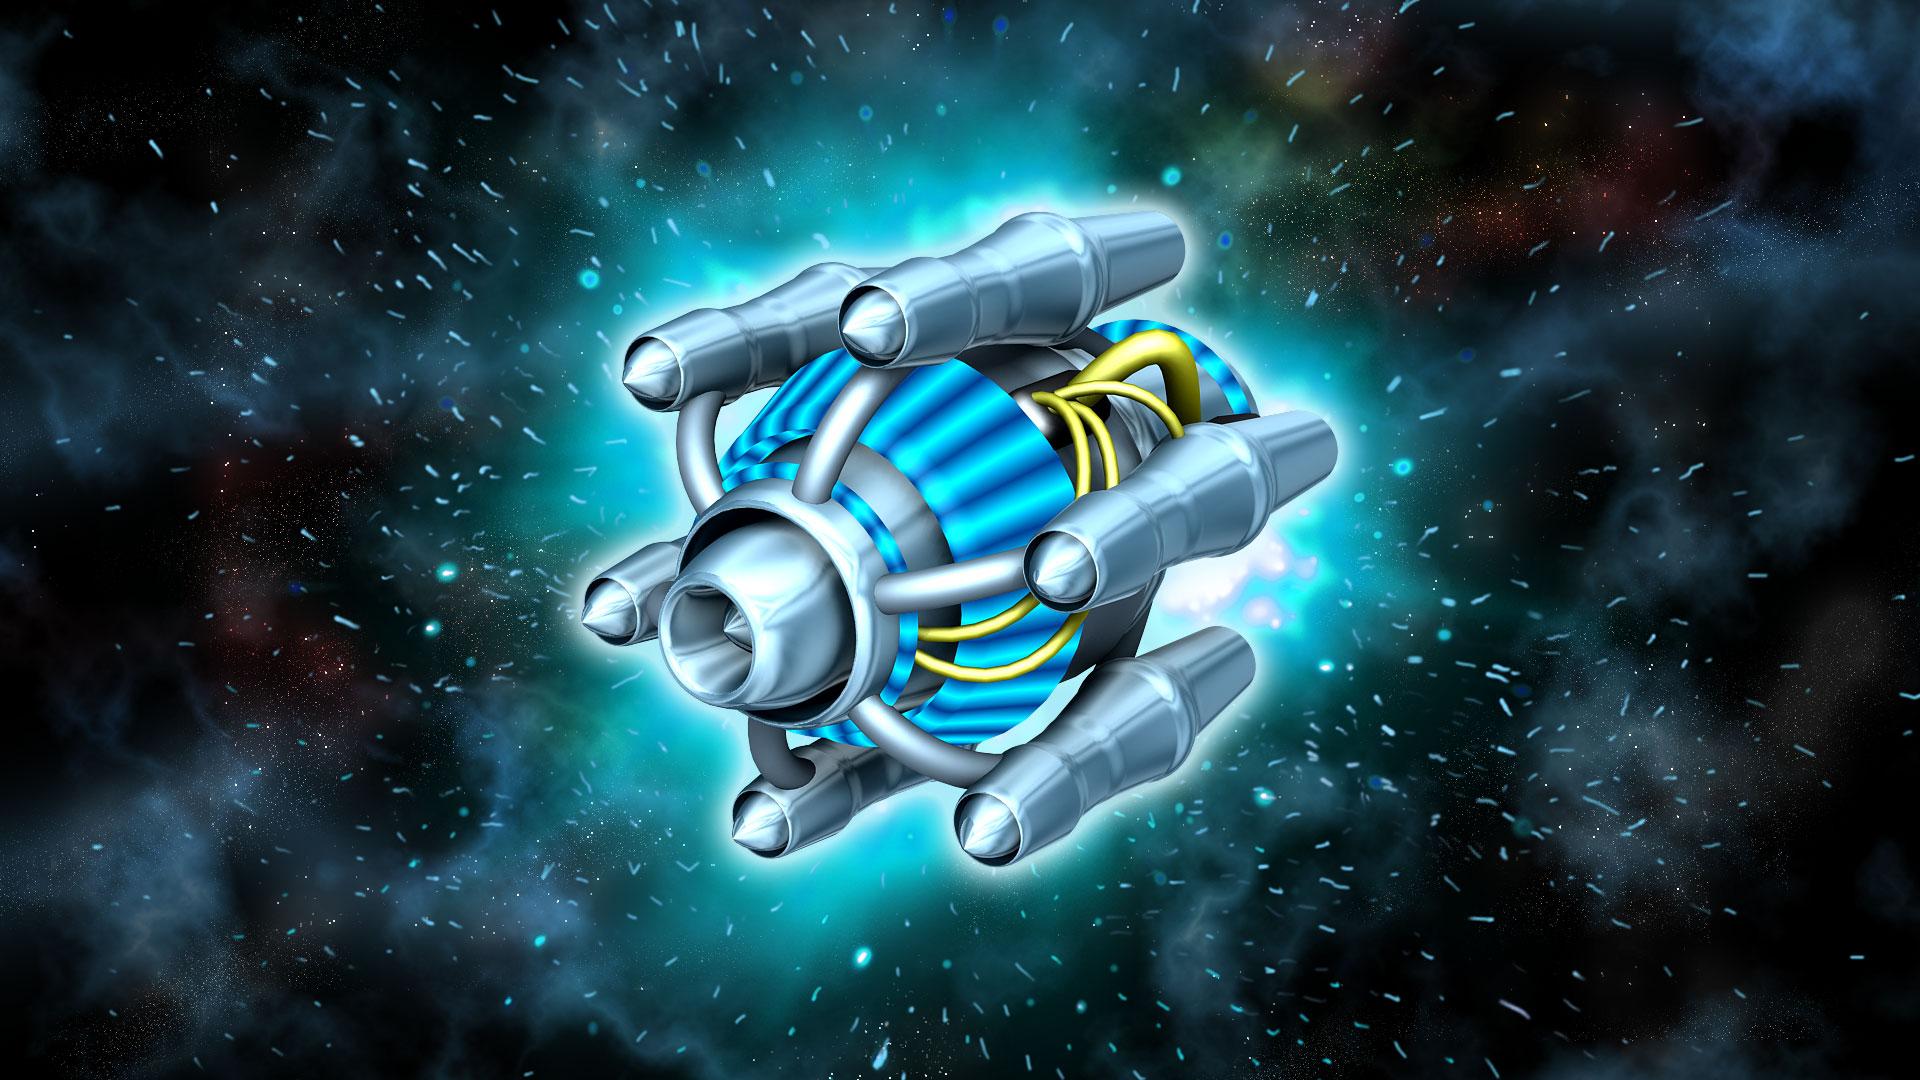 Image direct hit missile war artwork 3g steam trading cards direct hit missile war artwork 3g baditri Images